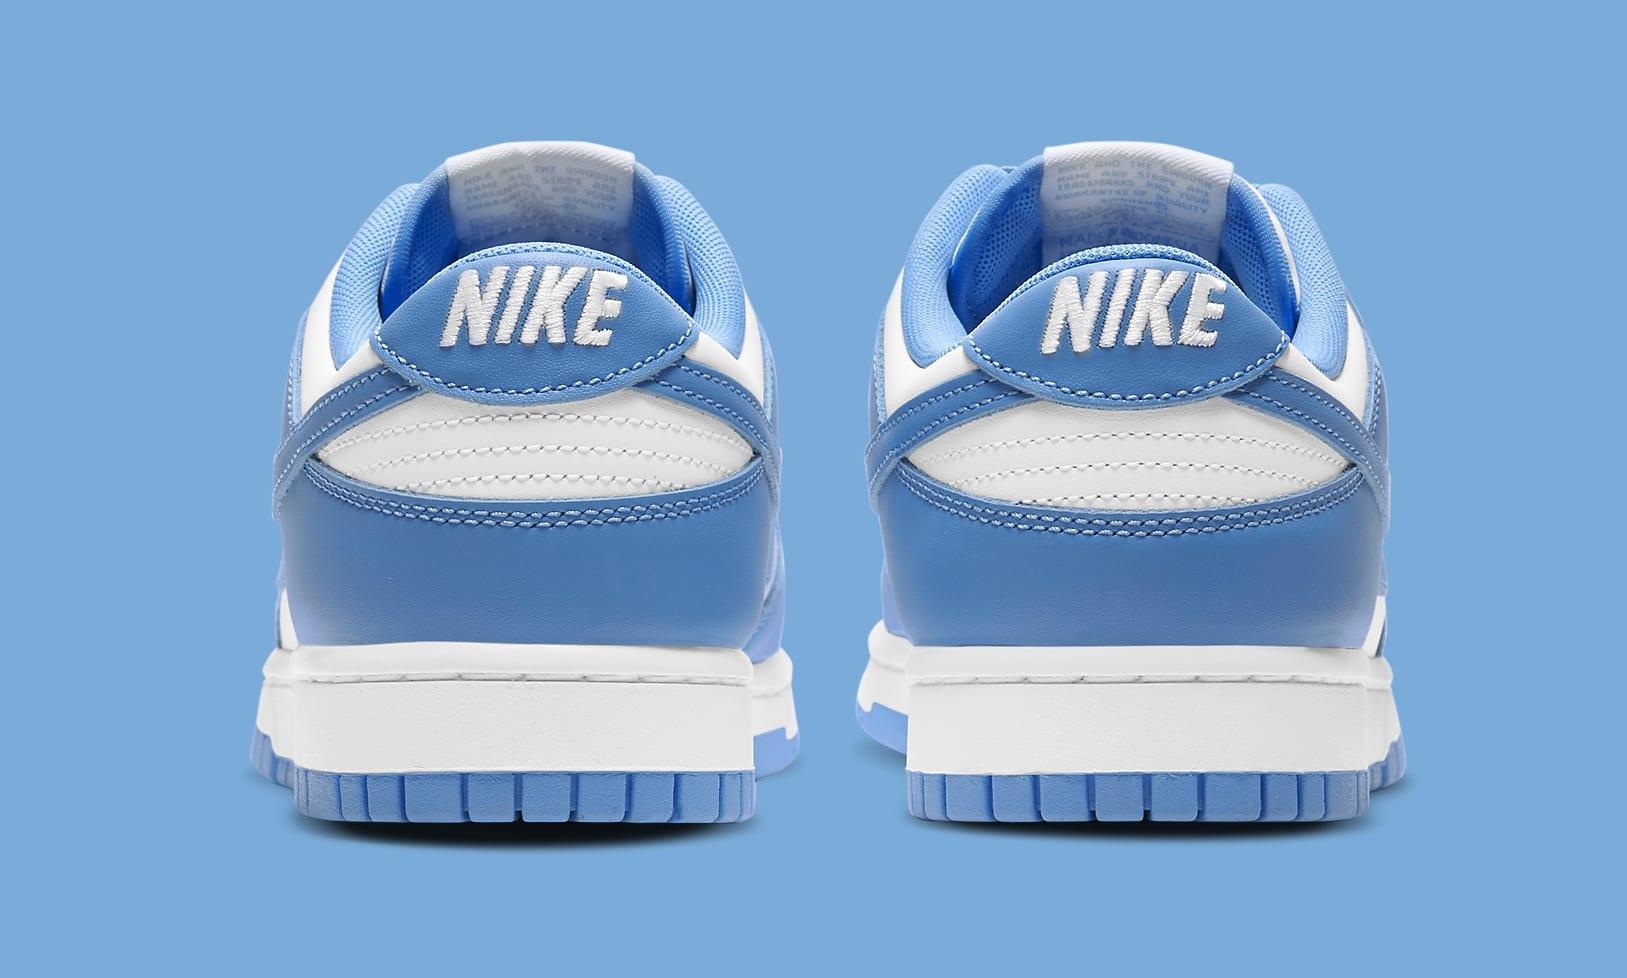 Nike Dunk Low 'University Blue' DD1391 102 Heel